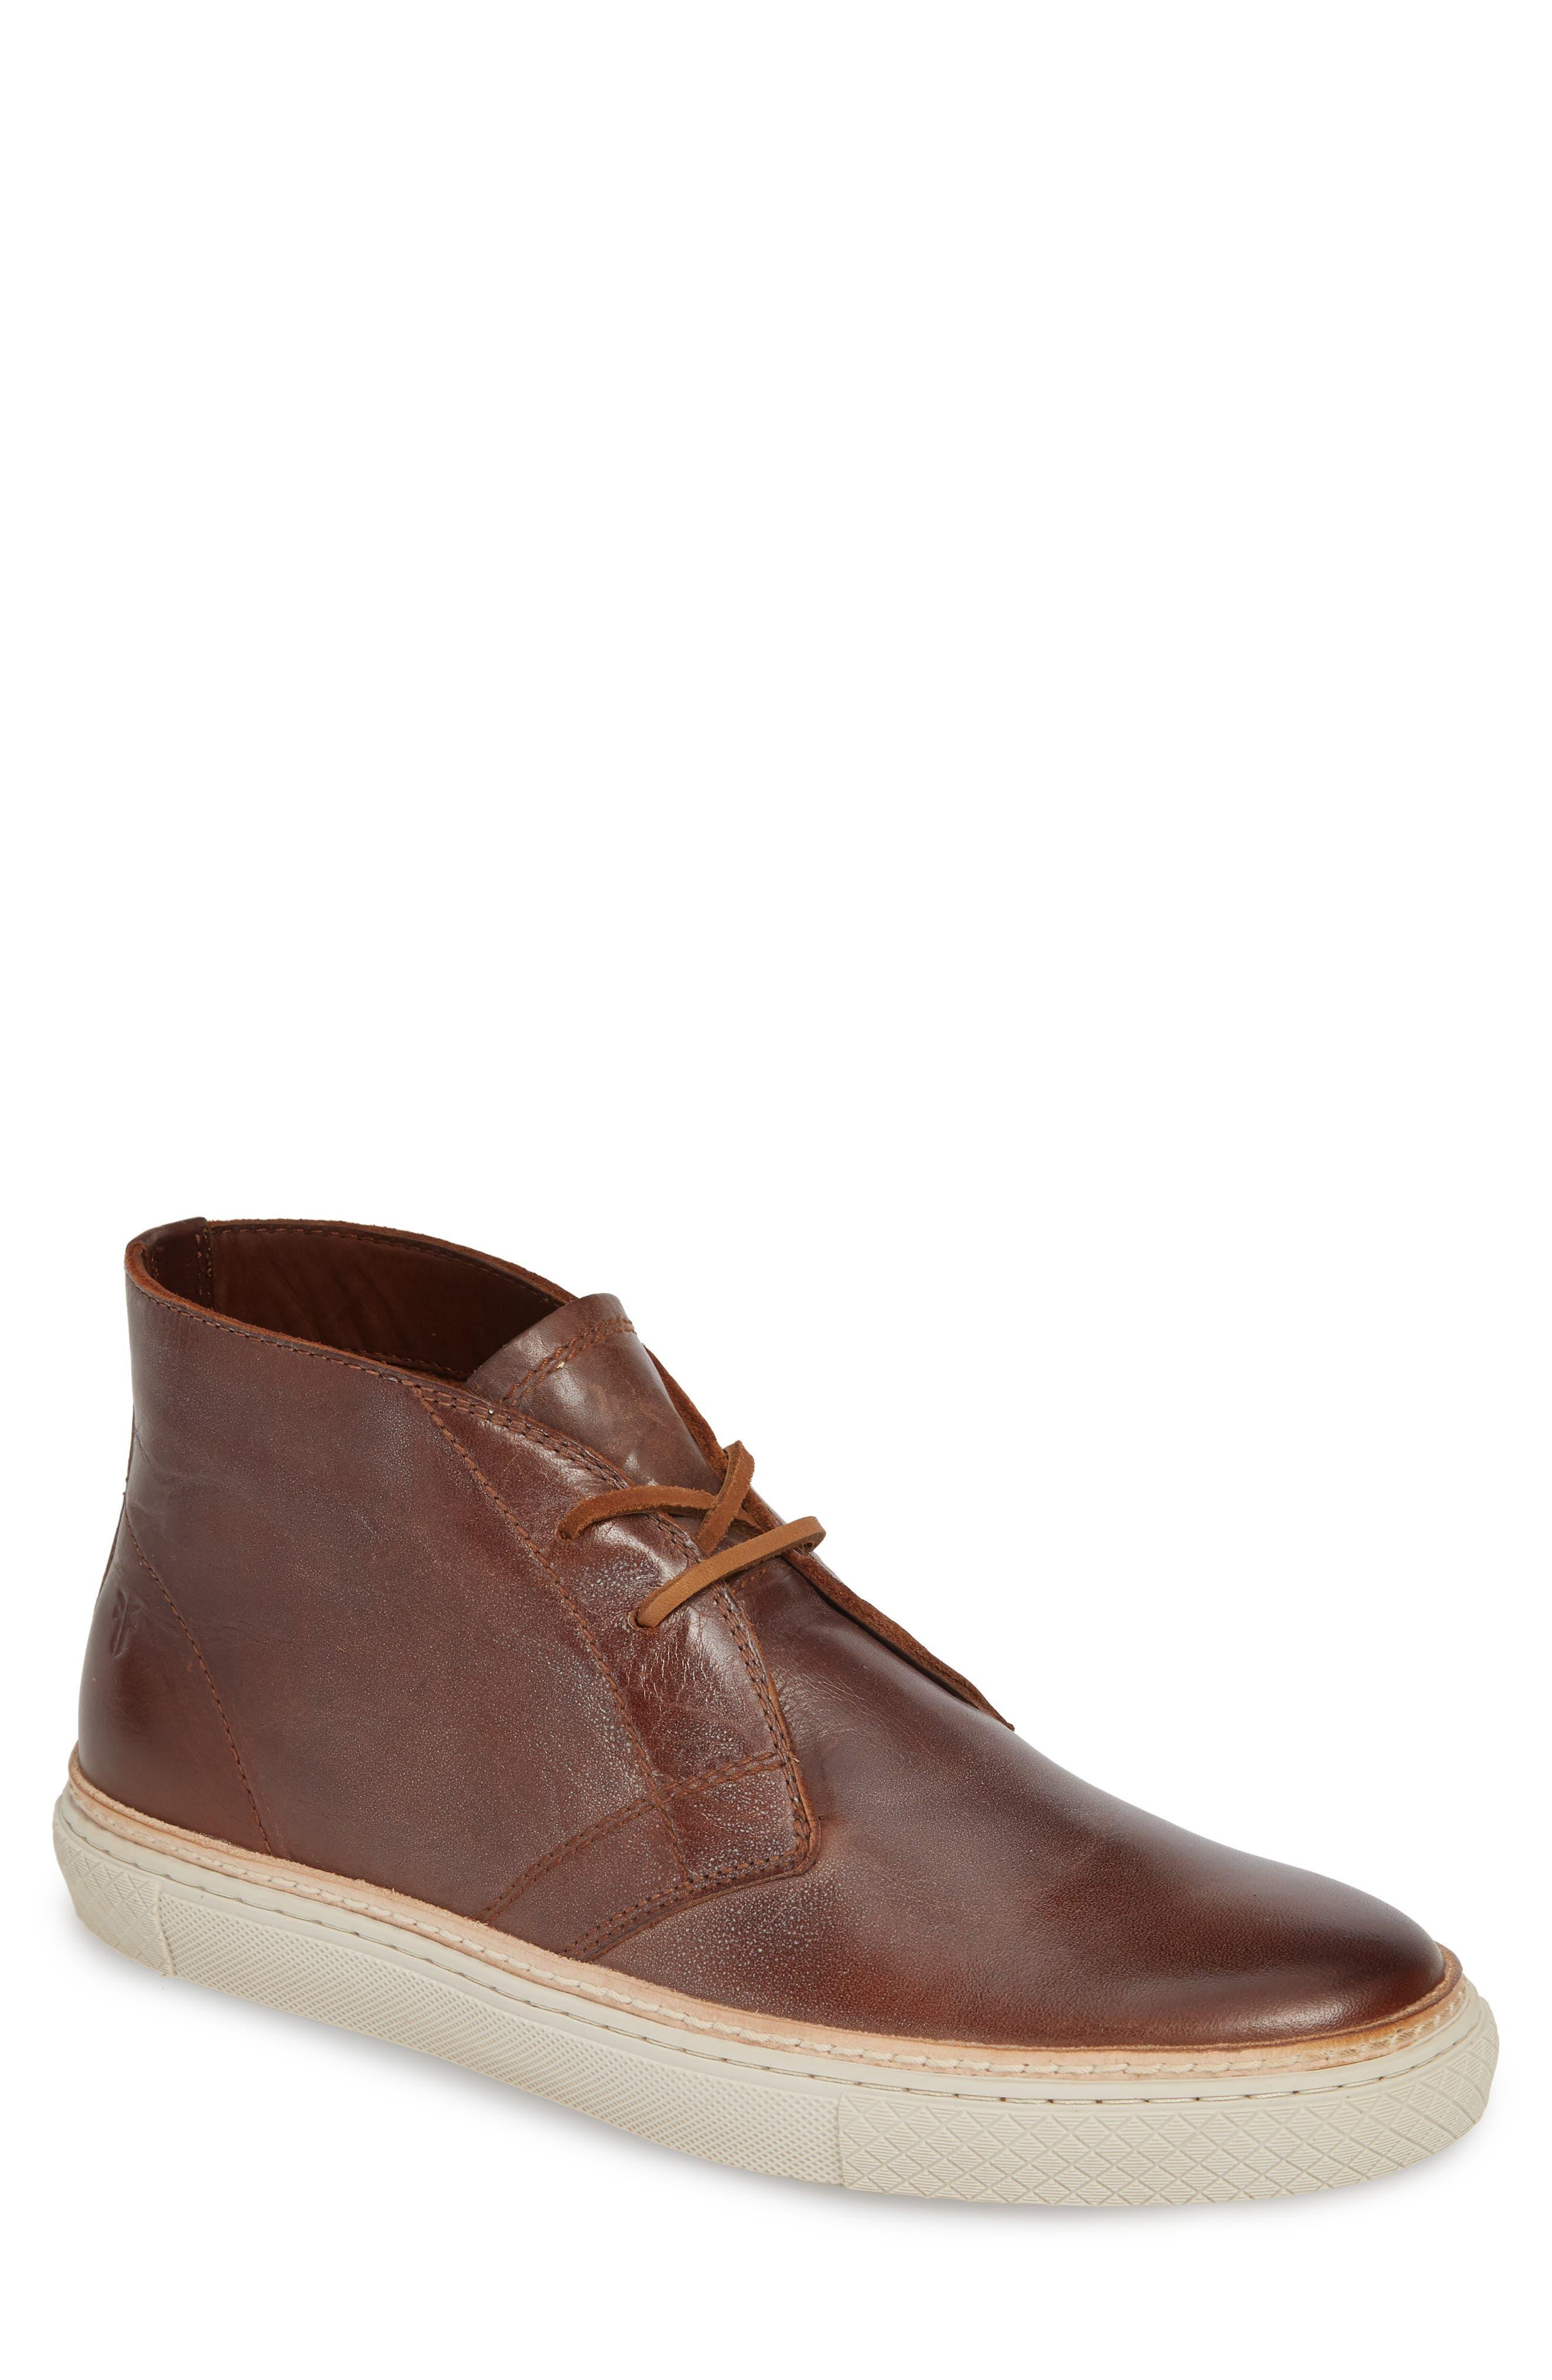 Frye Essex Chukka Boot